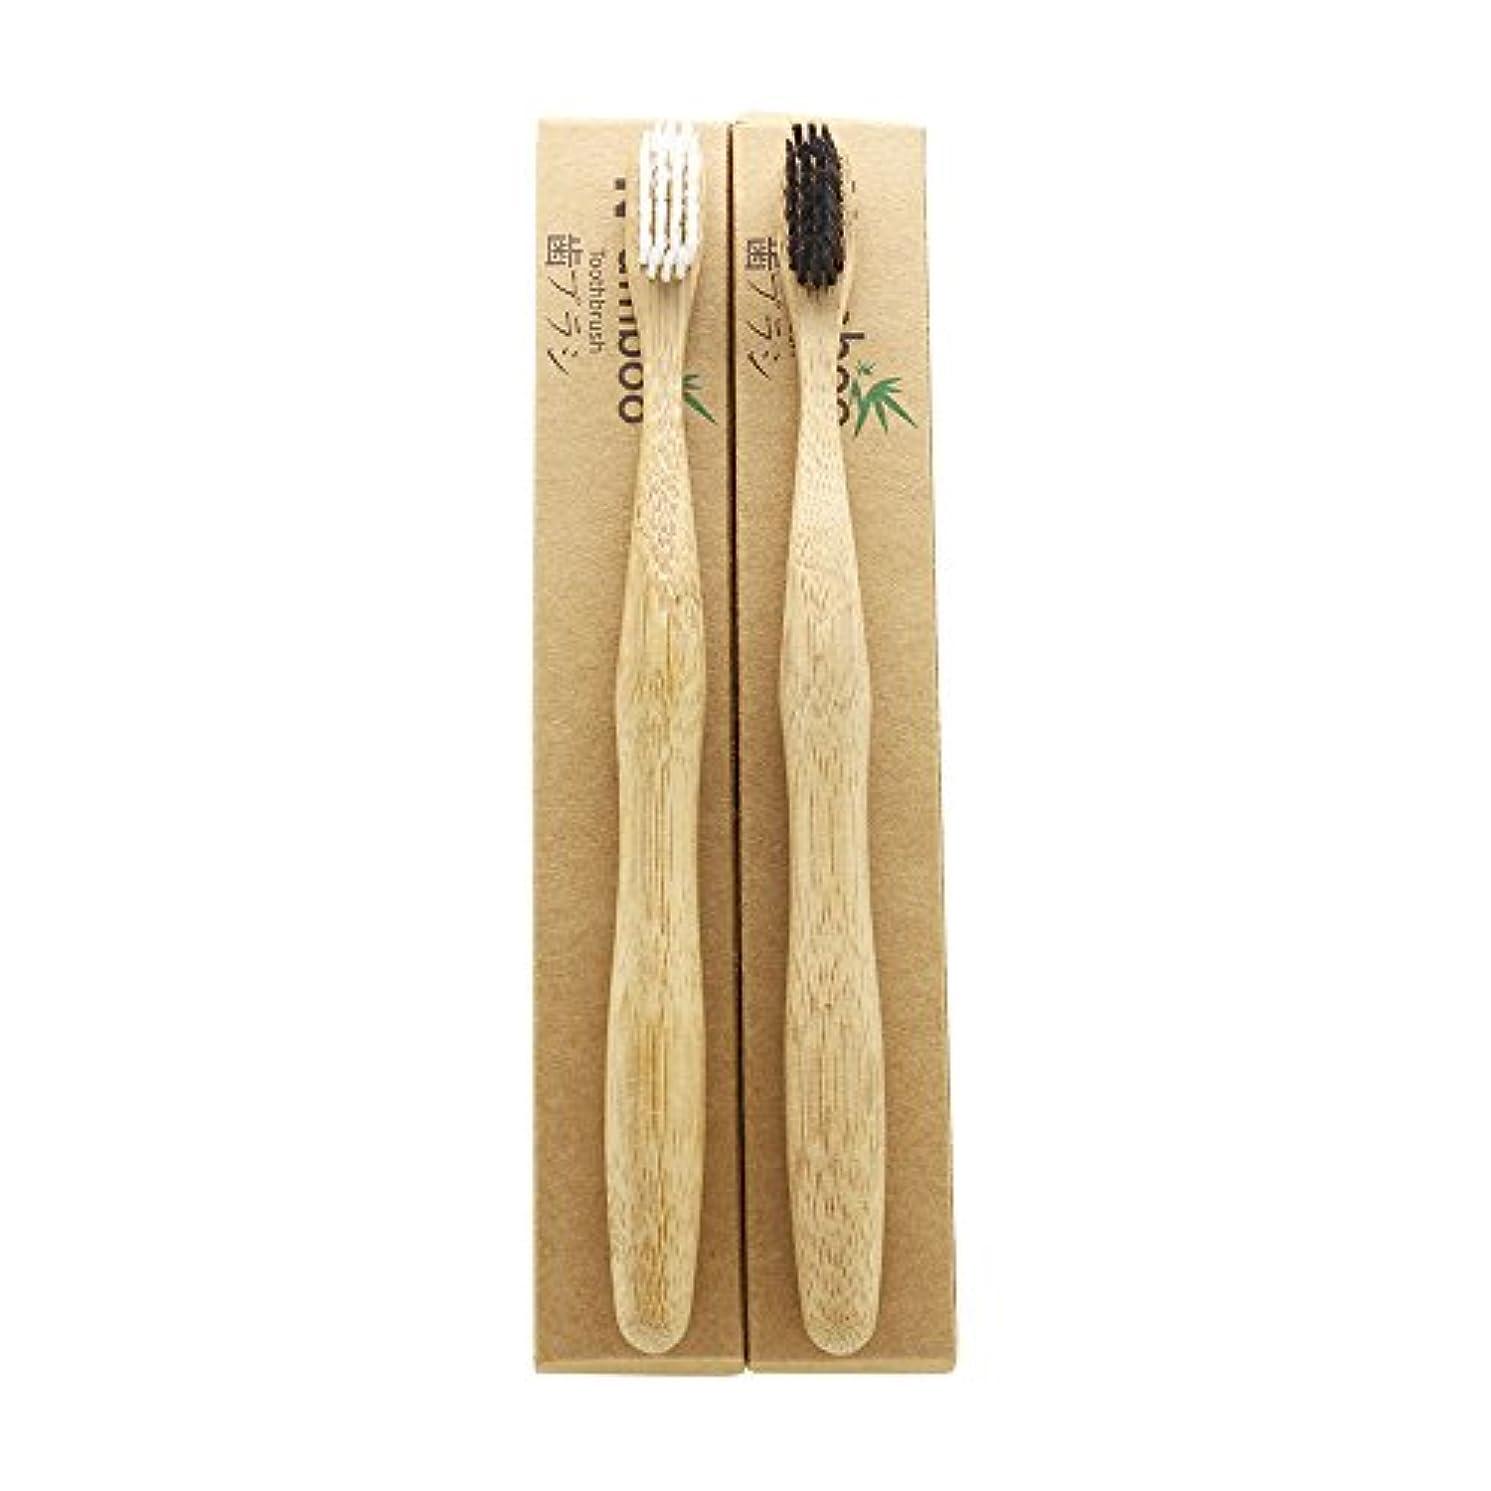 スラム街カタログ腐敗したN-amboo 竹製 歯ブラシ 高耐久性 白と黒 セット エコ  (2本)